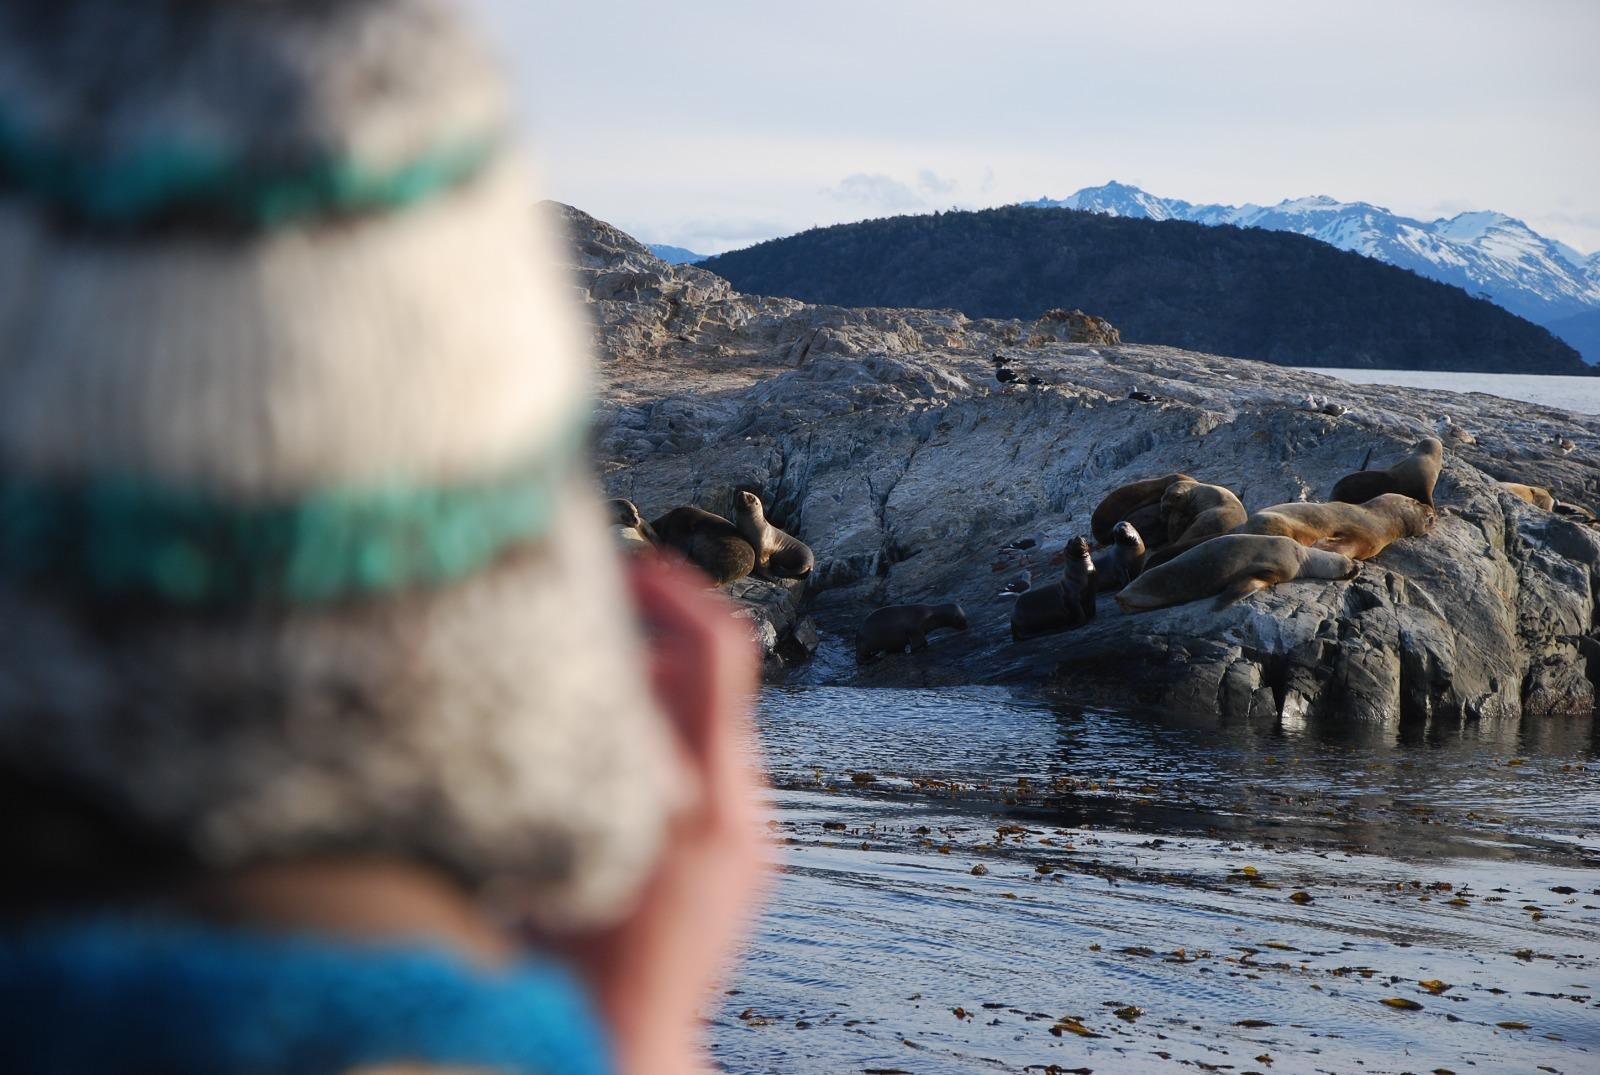 Kayak Beagle avistamiento de lobos marinos